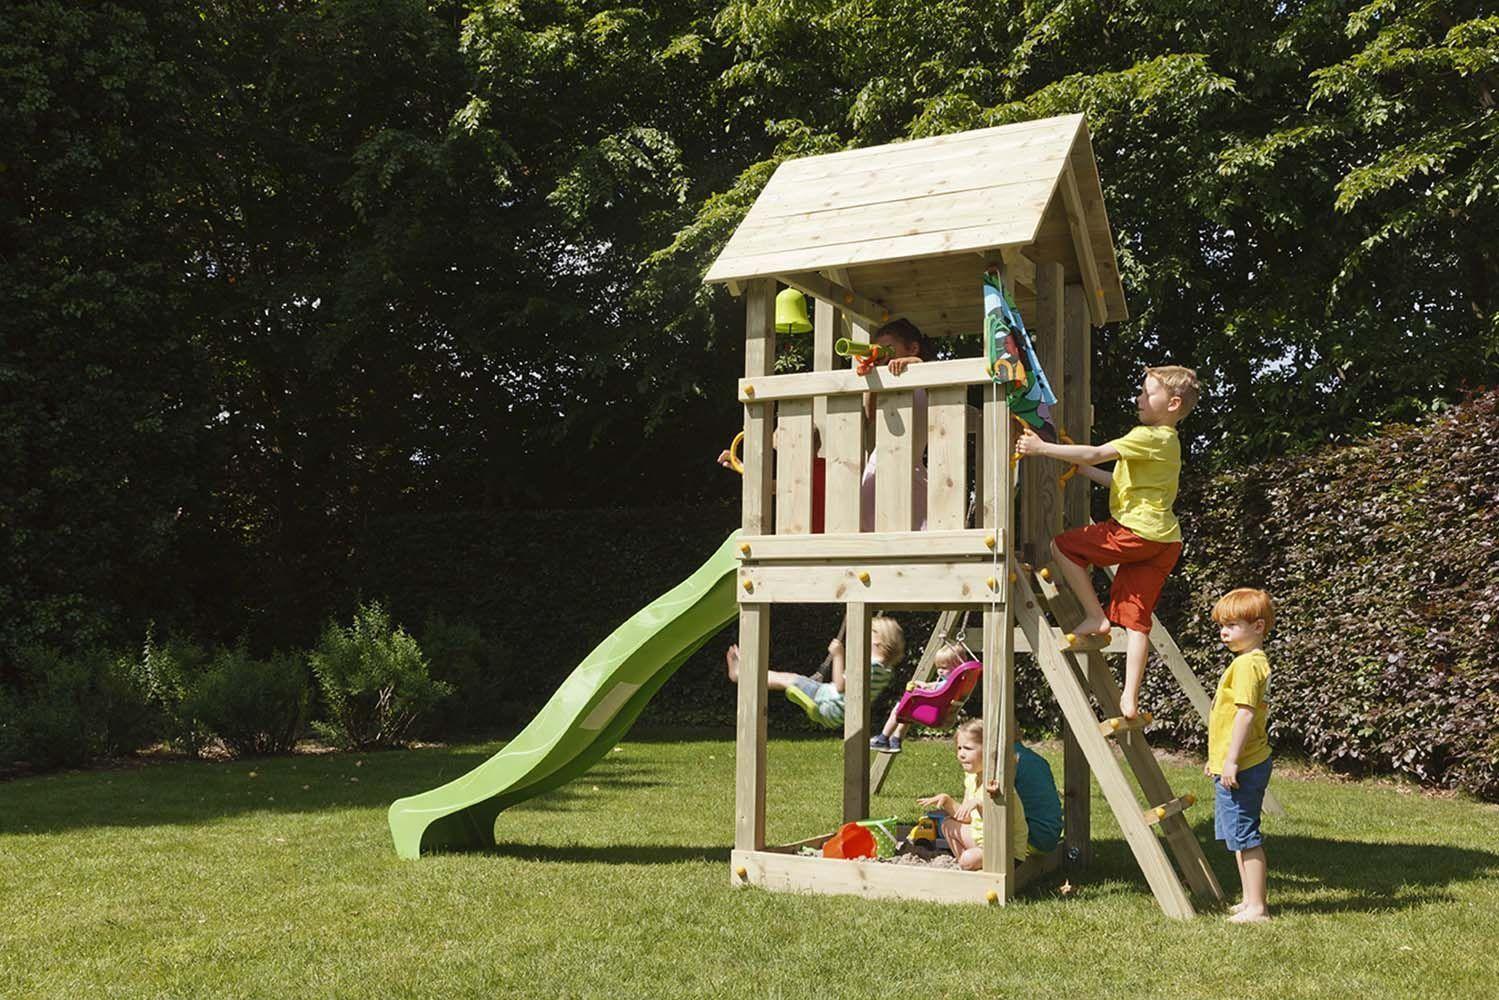 Populaires Air De Jeux En Bois. aire de jeux portique bois wickey funny farm  EA48